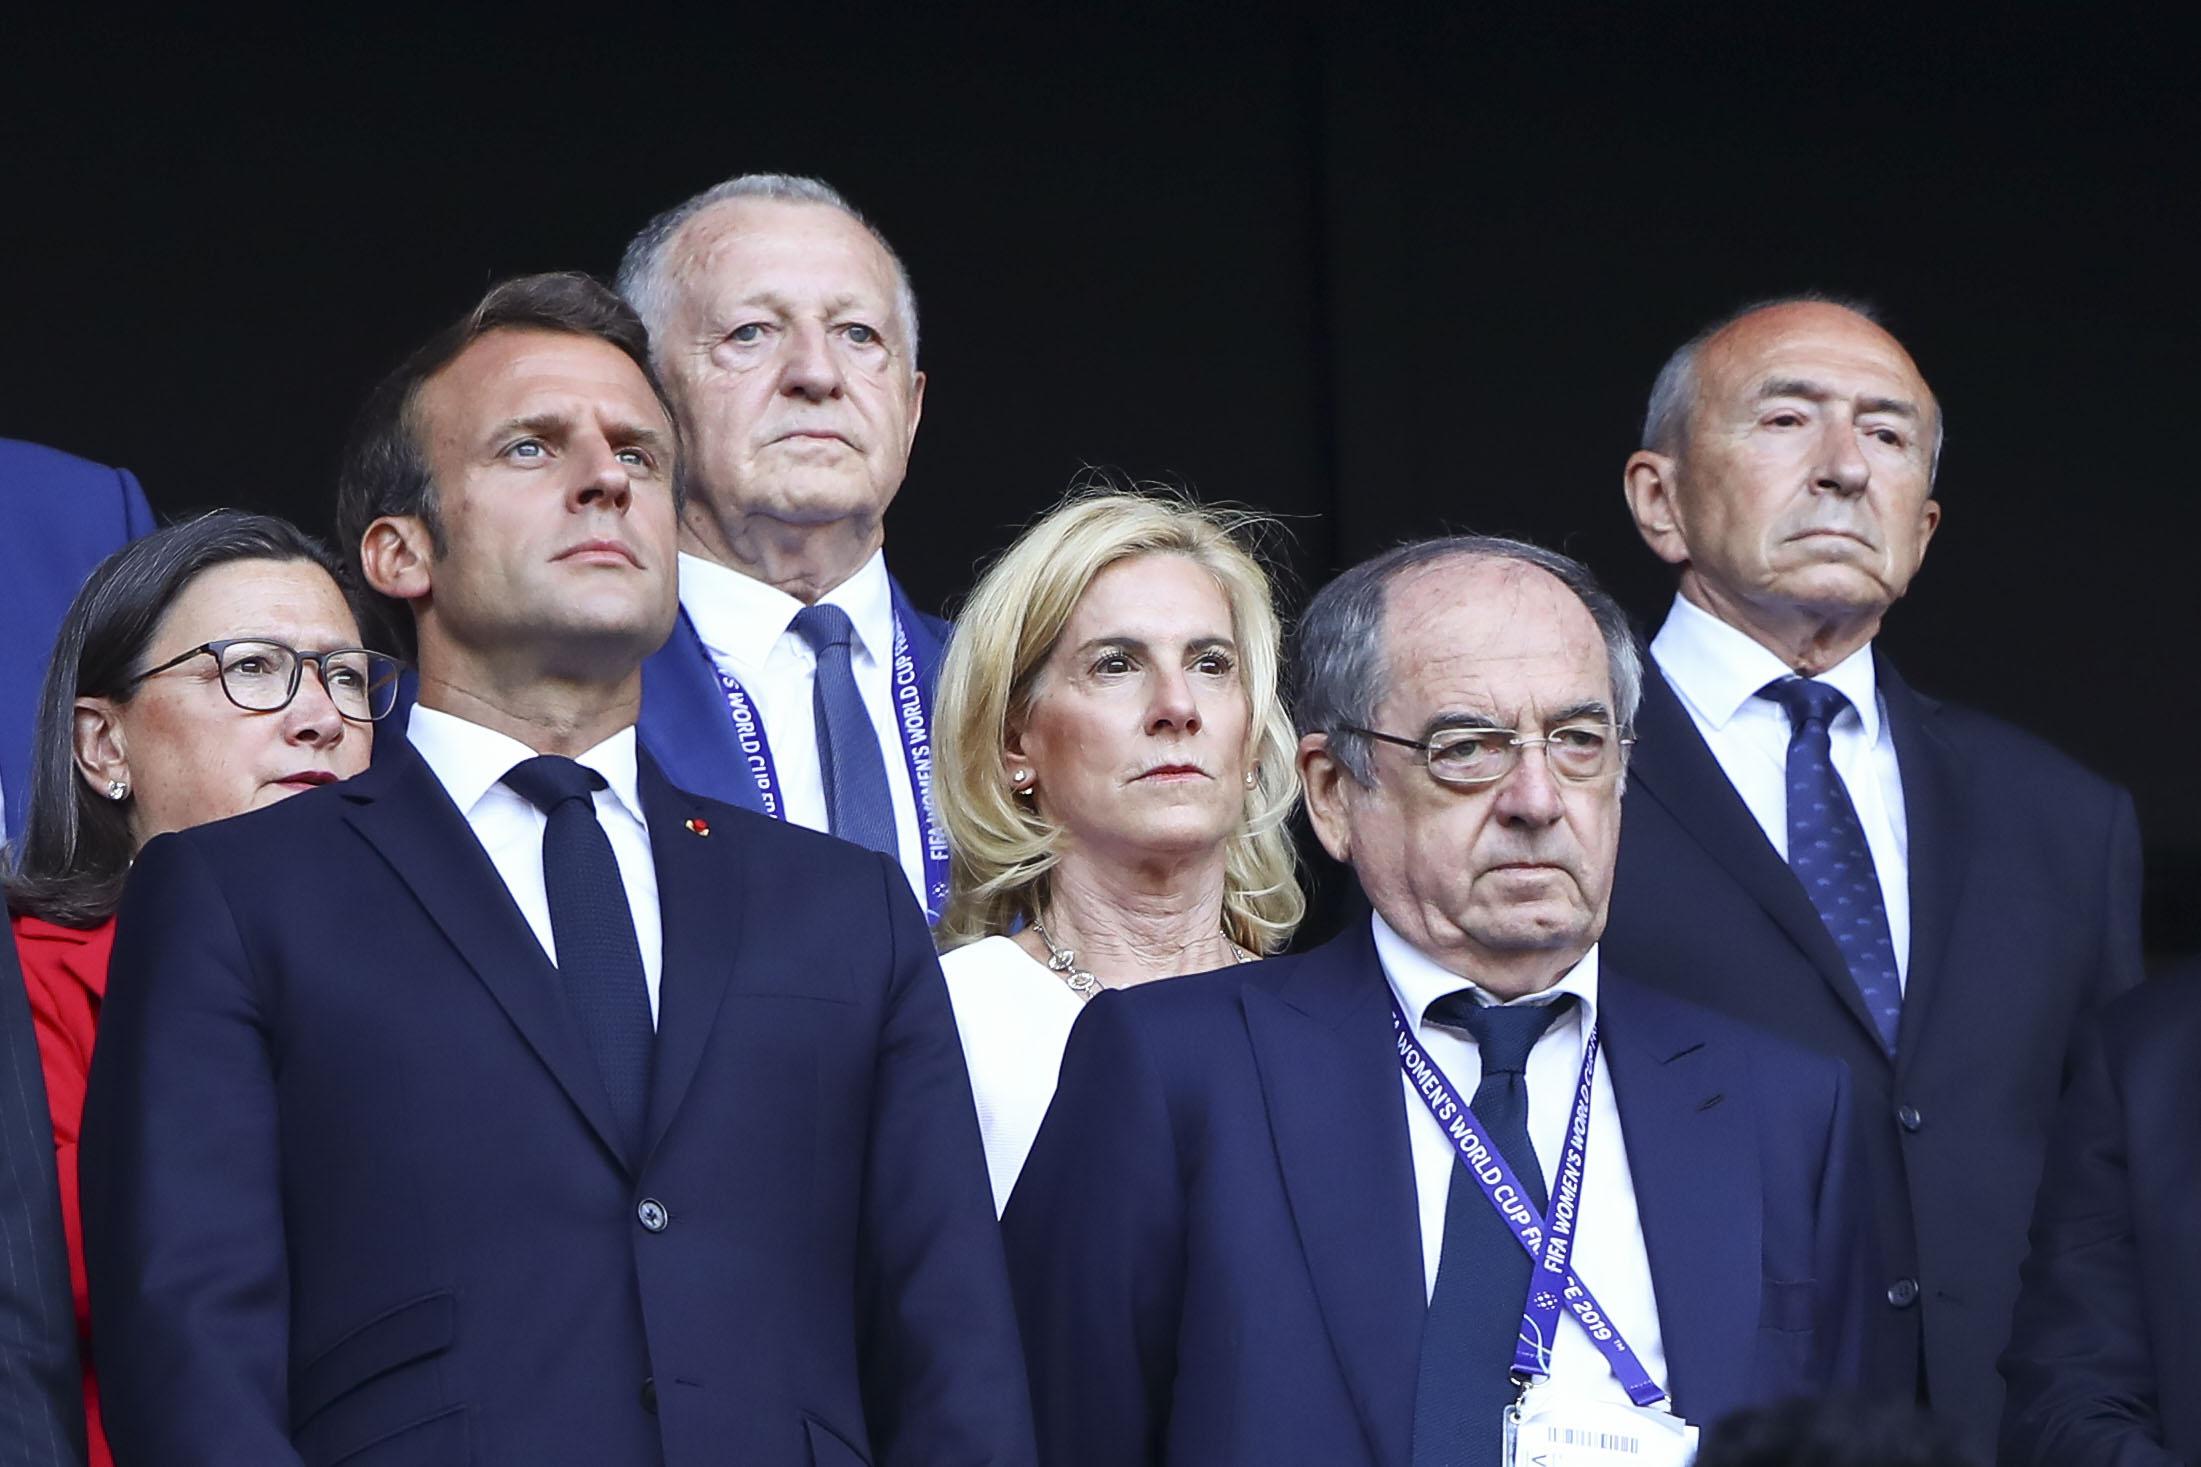 Football - Ligue 1 - Le Graët : «Macron veut que le football reprenne vite et avec des spectateurs»